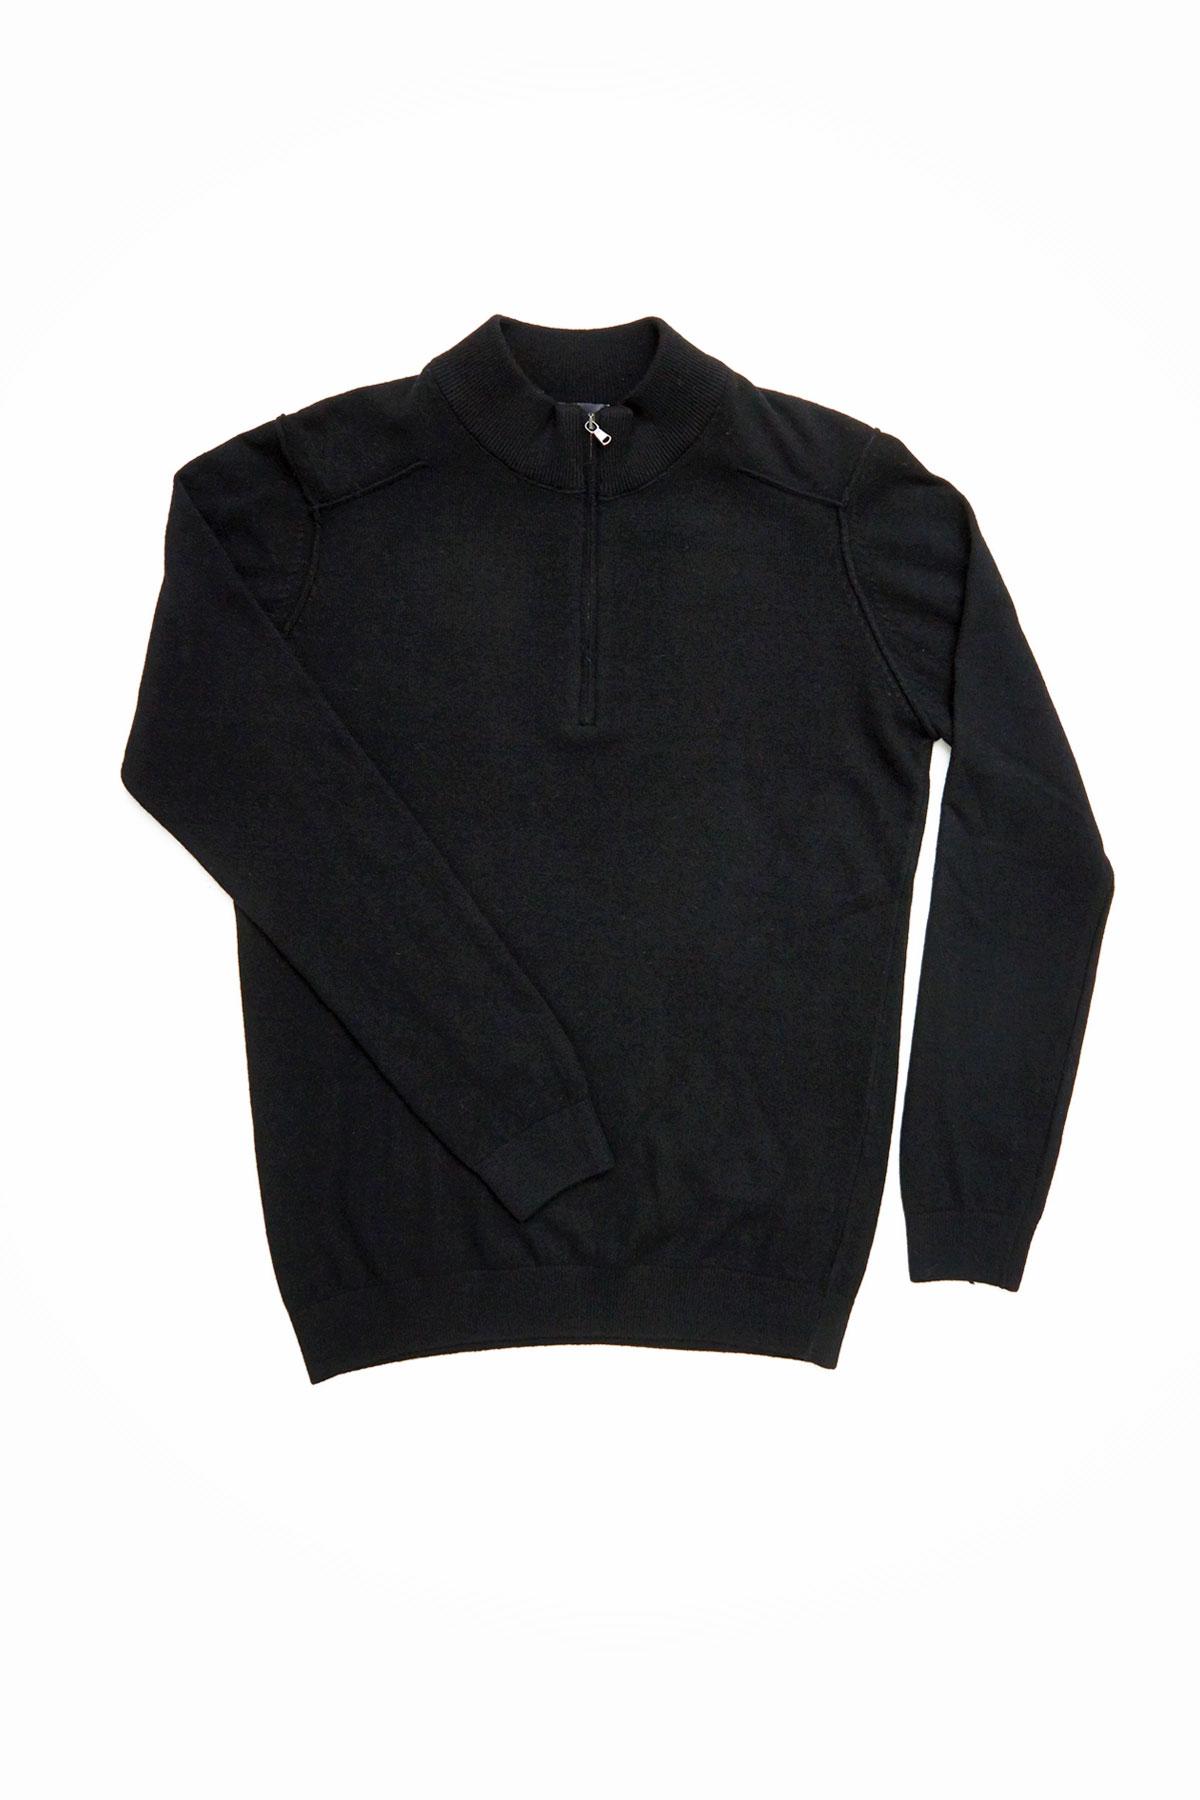 Свитер черного цвета Vaismann VM-18-1830-0